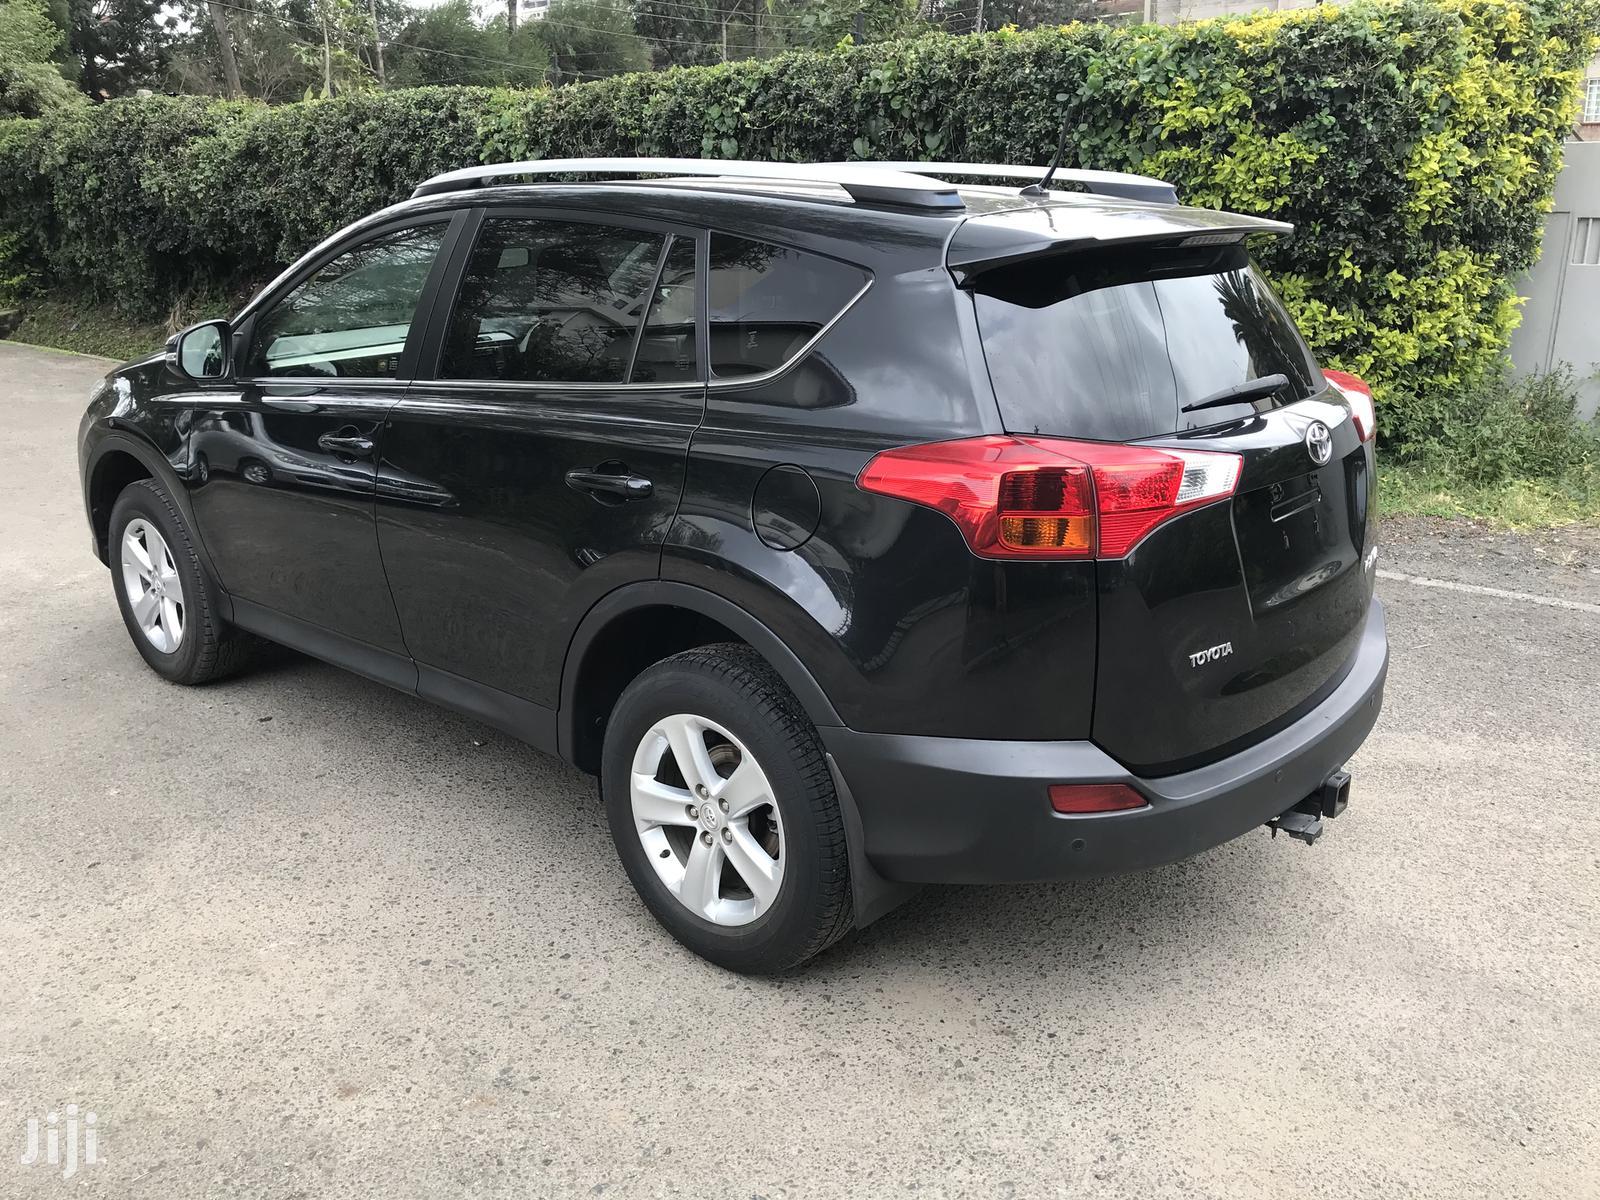 Toyota RAV4 2013 Black | Cars for sale in Kilimani, Nairobi, Kenya